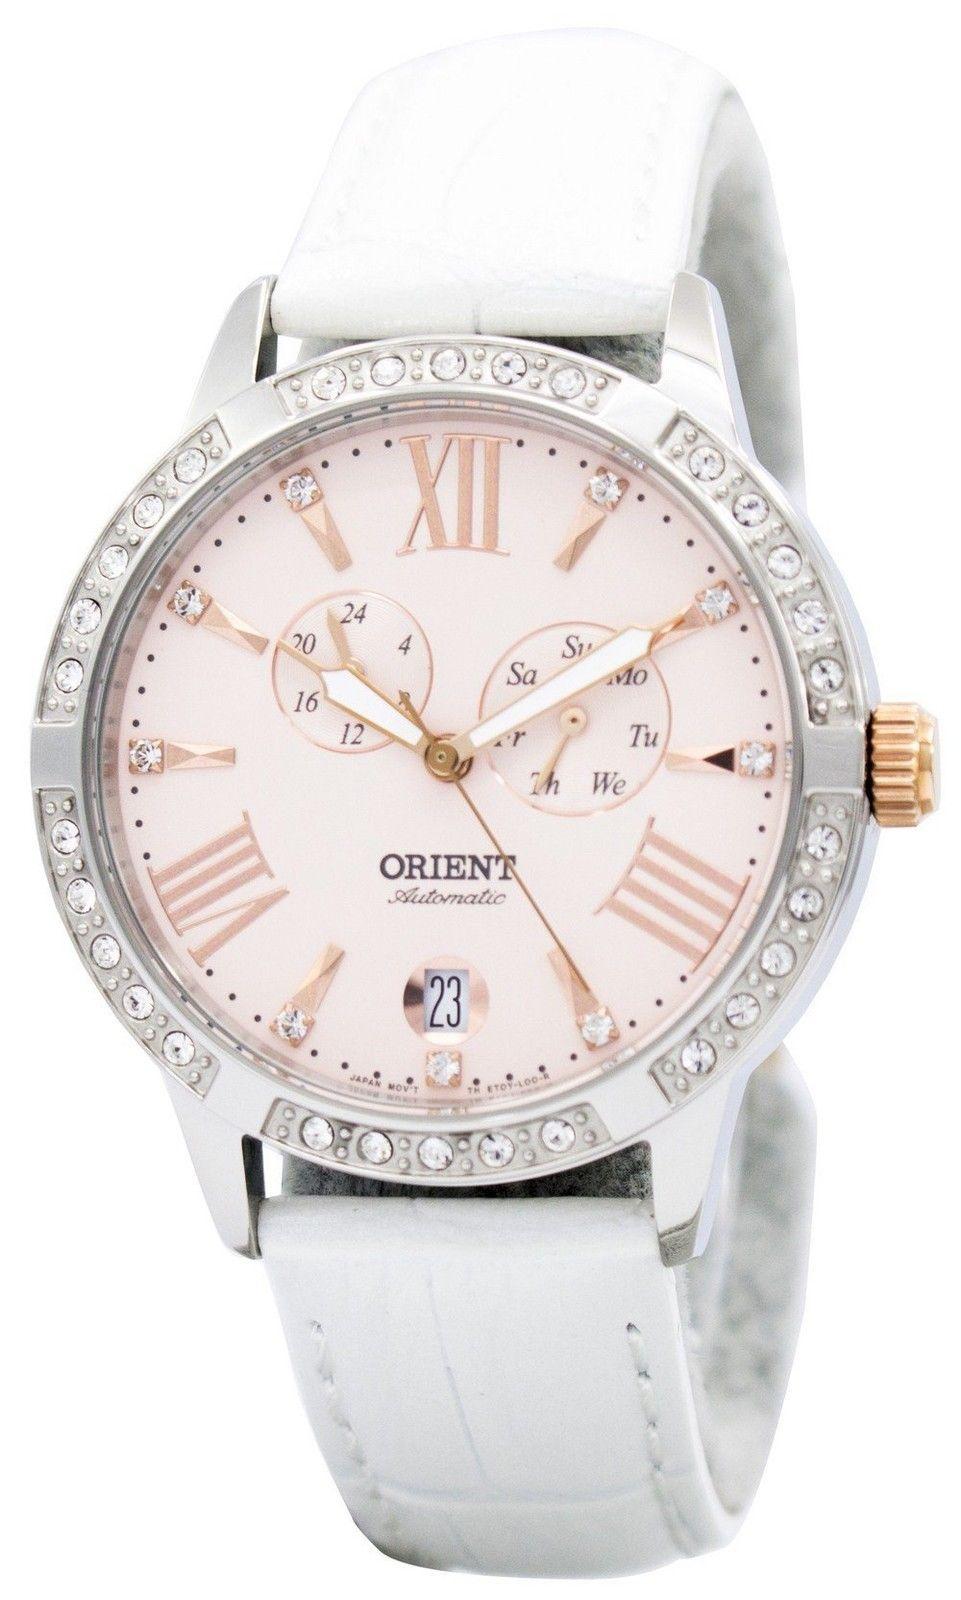 นาฬิกาผู้หญิง Orient รุ่น ET0Y003Z, Fashionable Automatic